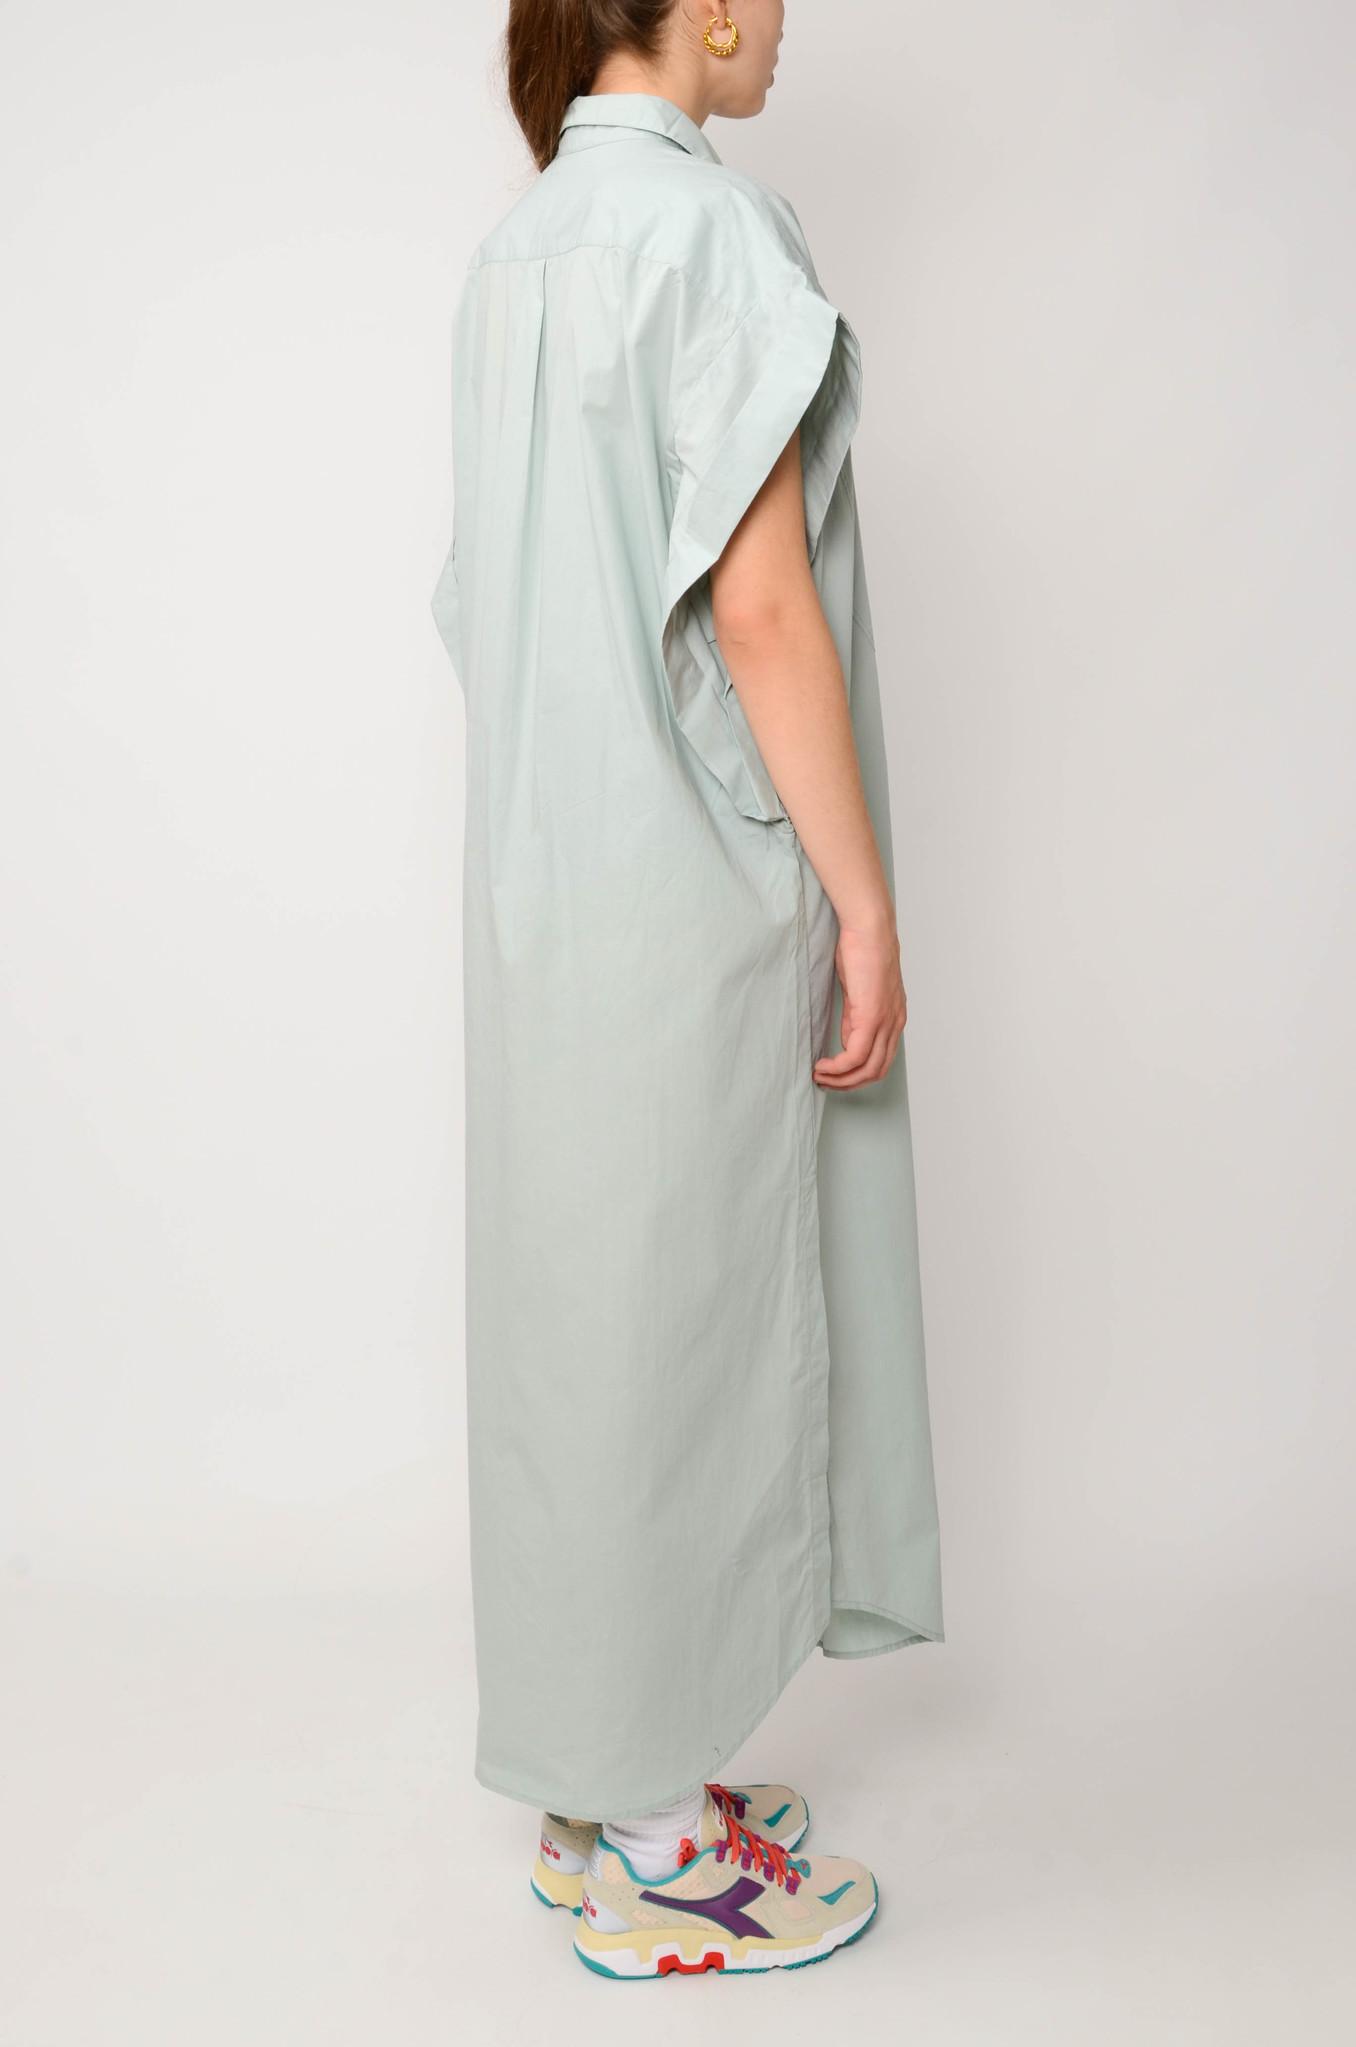 CAYSA SHIRT DRESS-4